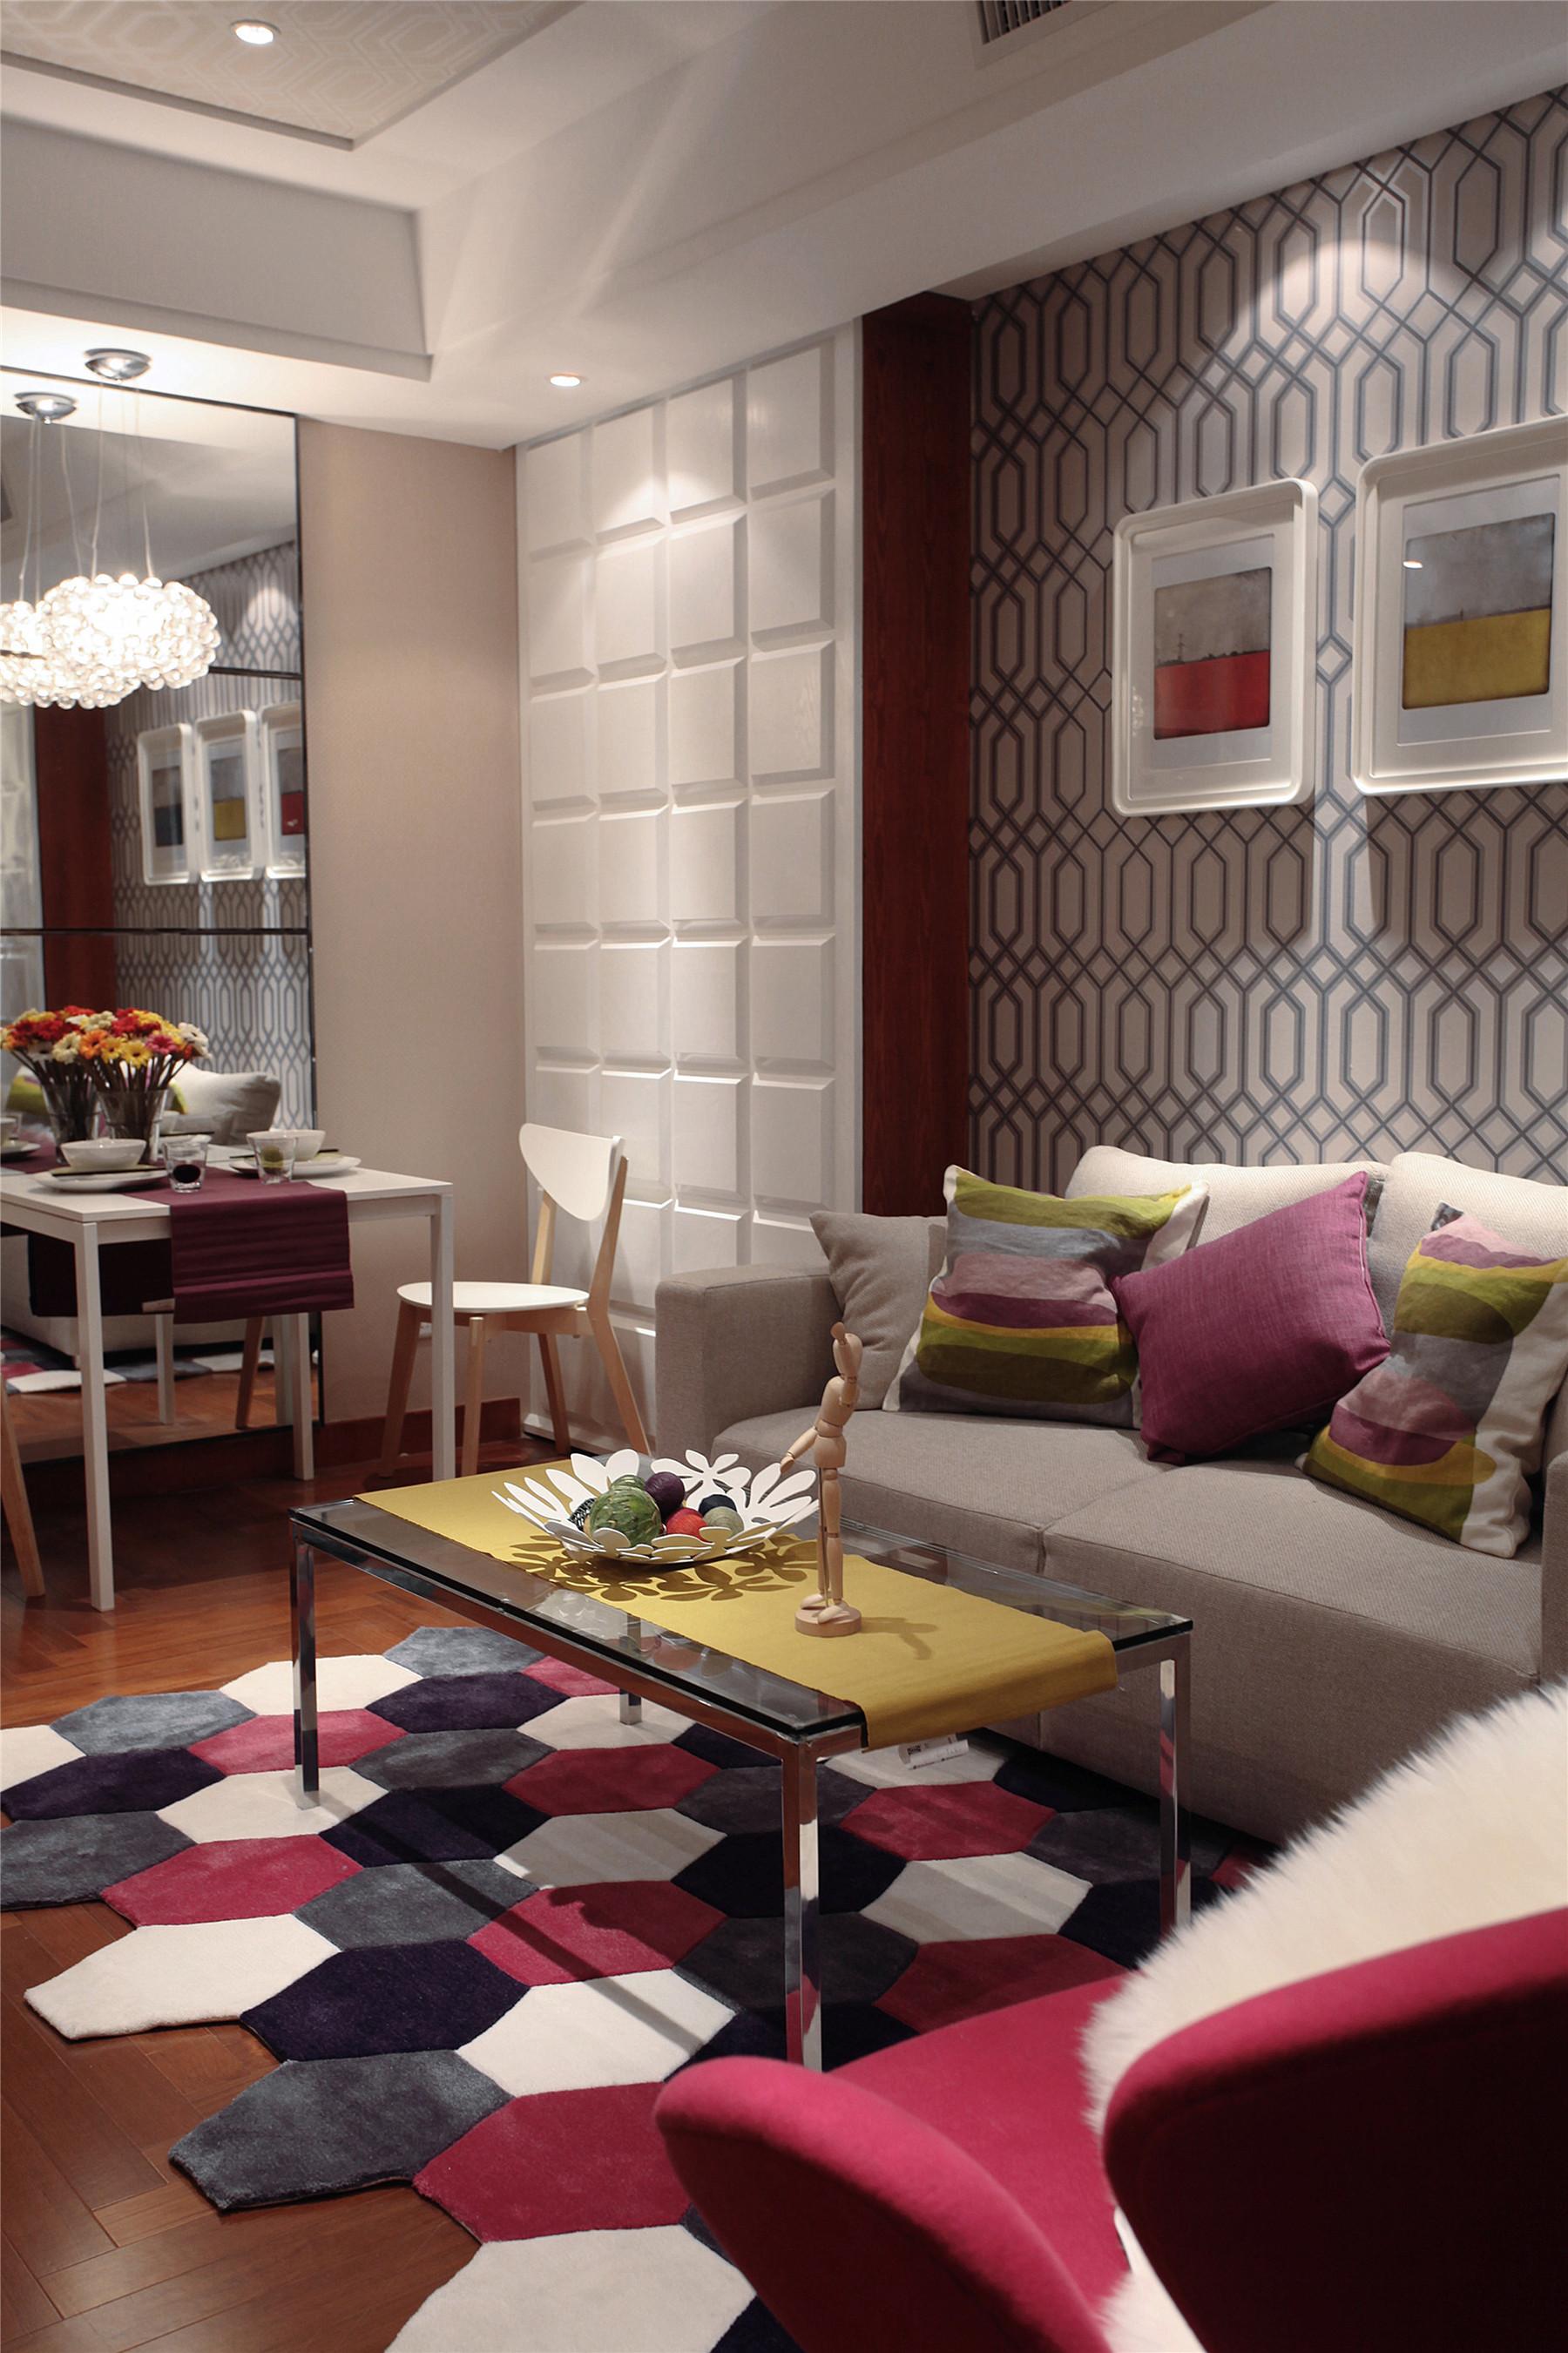 旧房改造 小资 客厅图片来自北京今朝装饰在6万轻工打造完美的家的分享